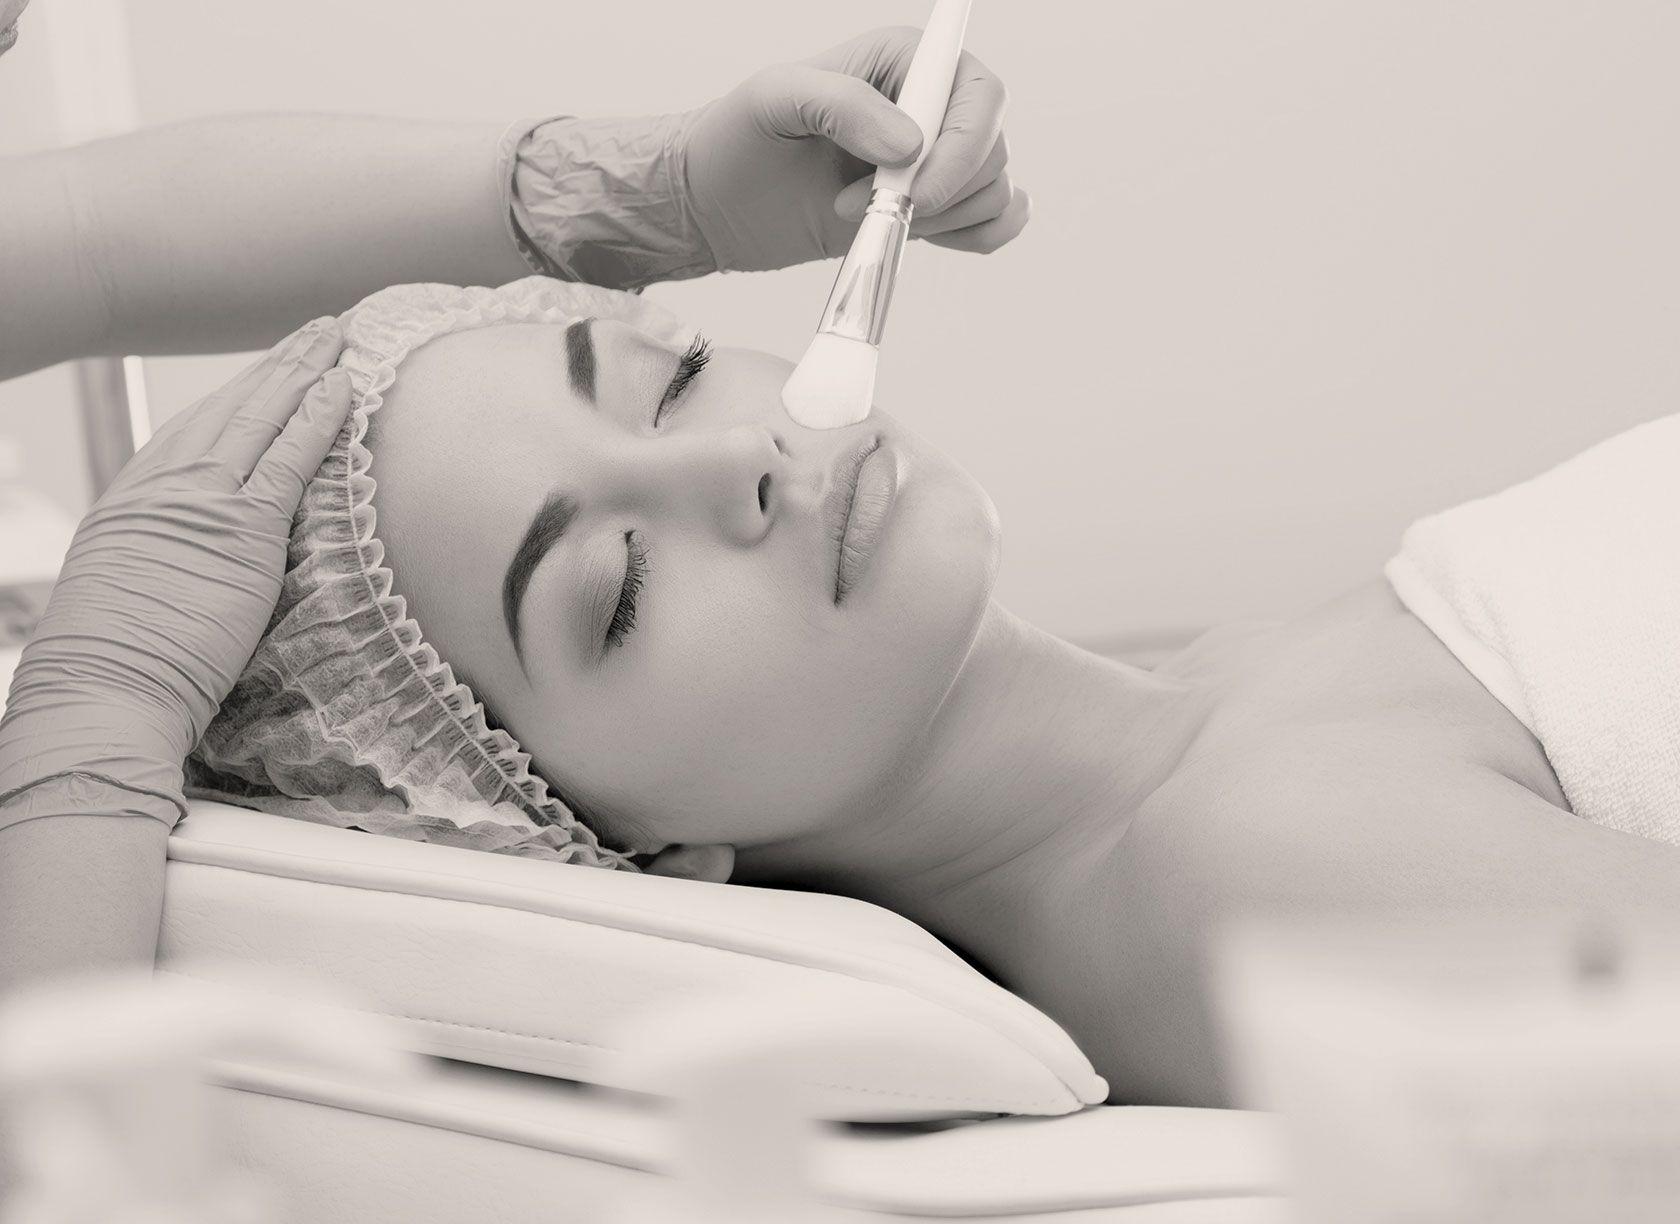 Améliorer la qualité de sa peau avec le peeling à Paris 8 du Dr Pachet